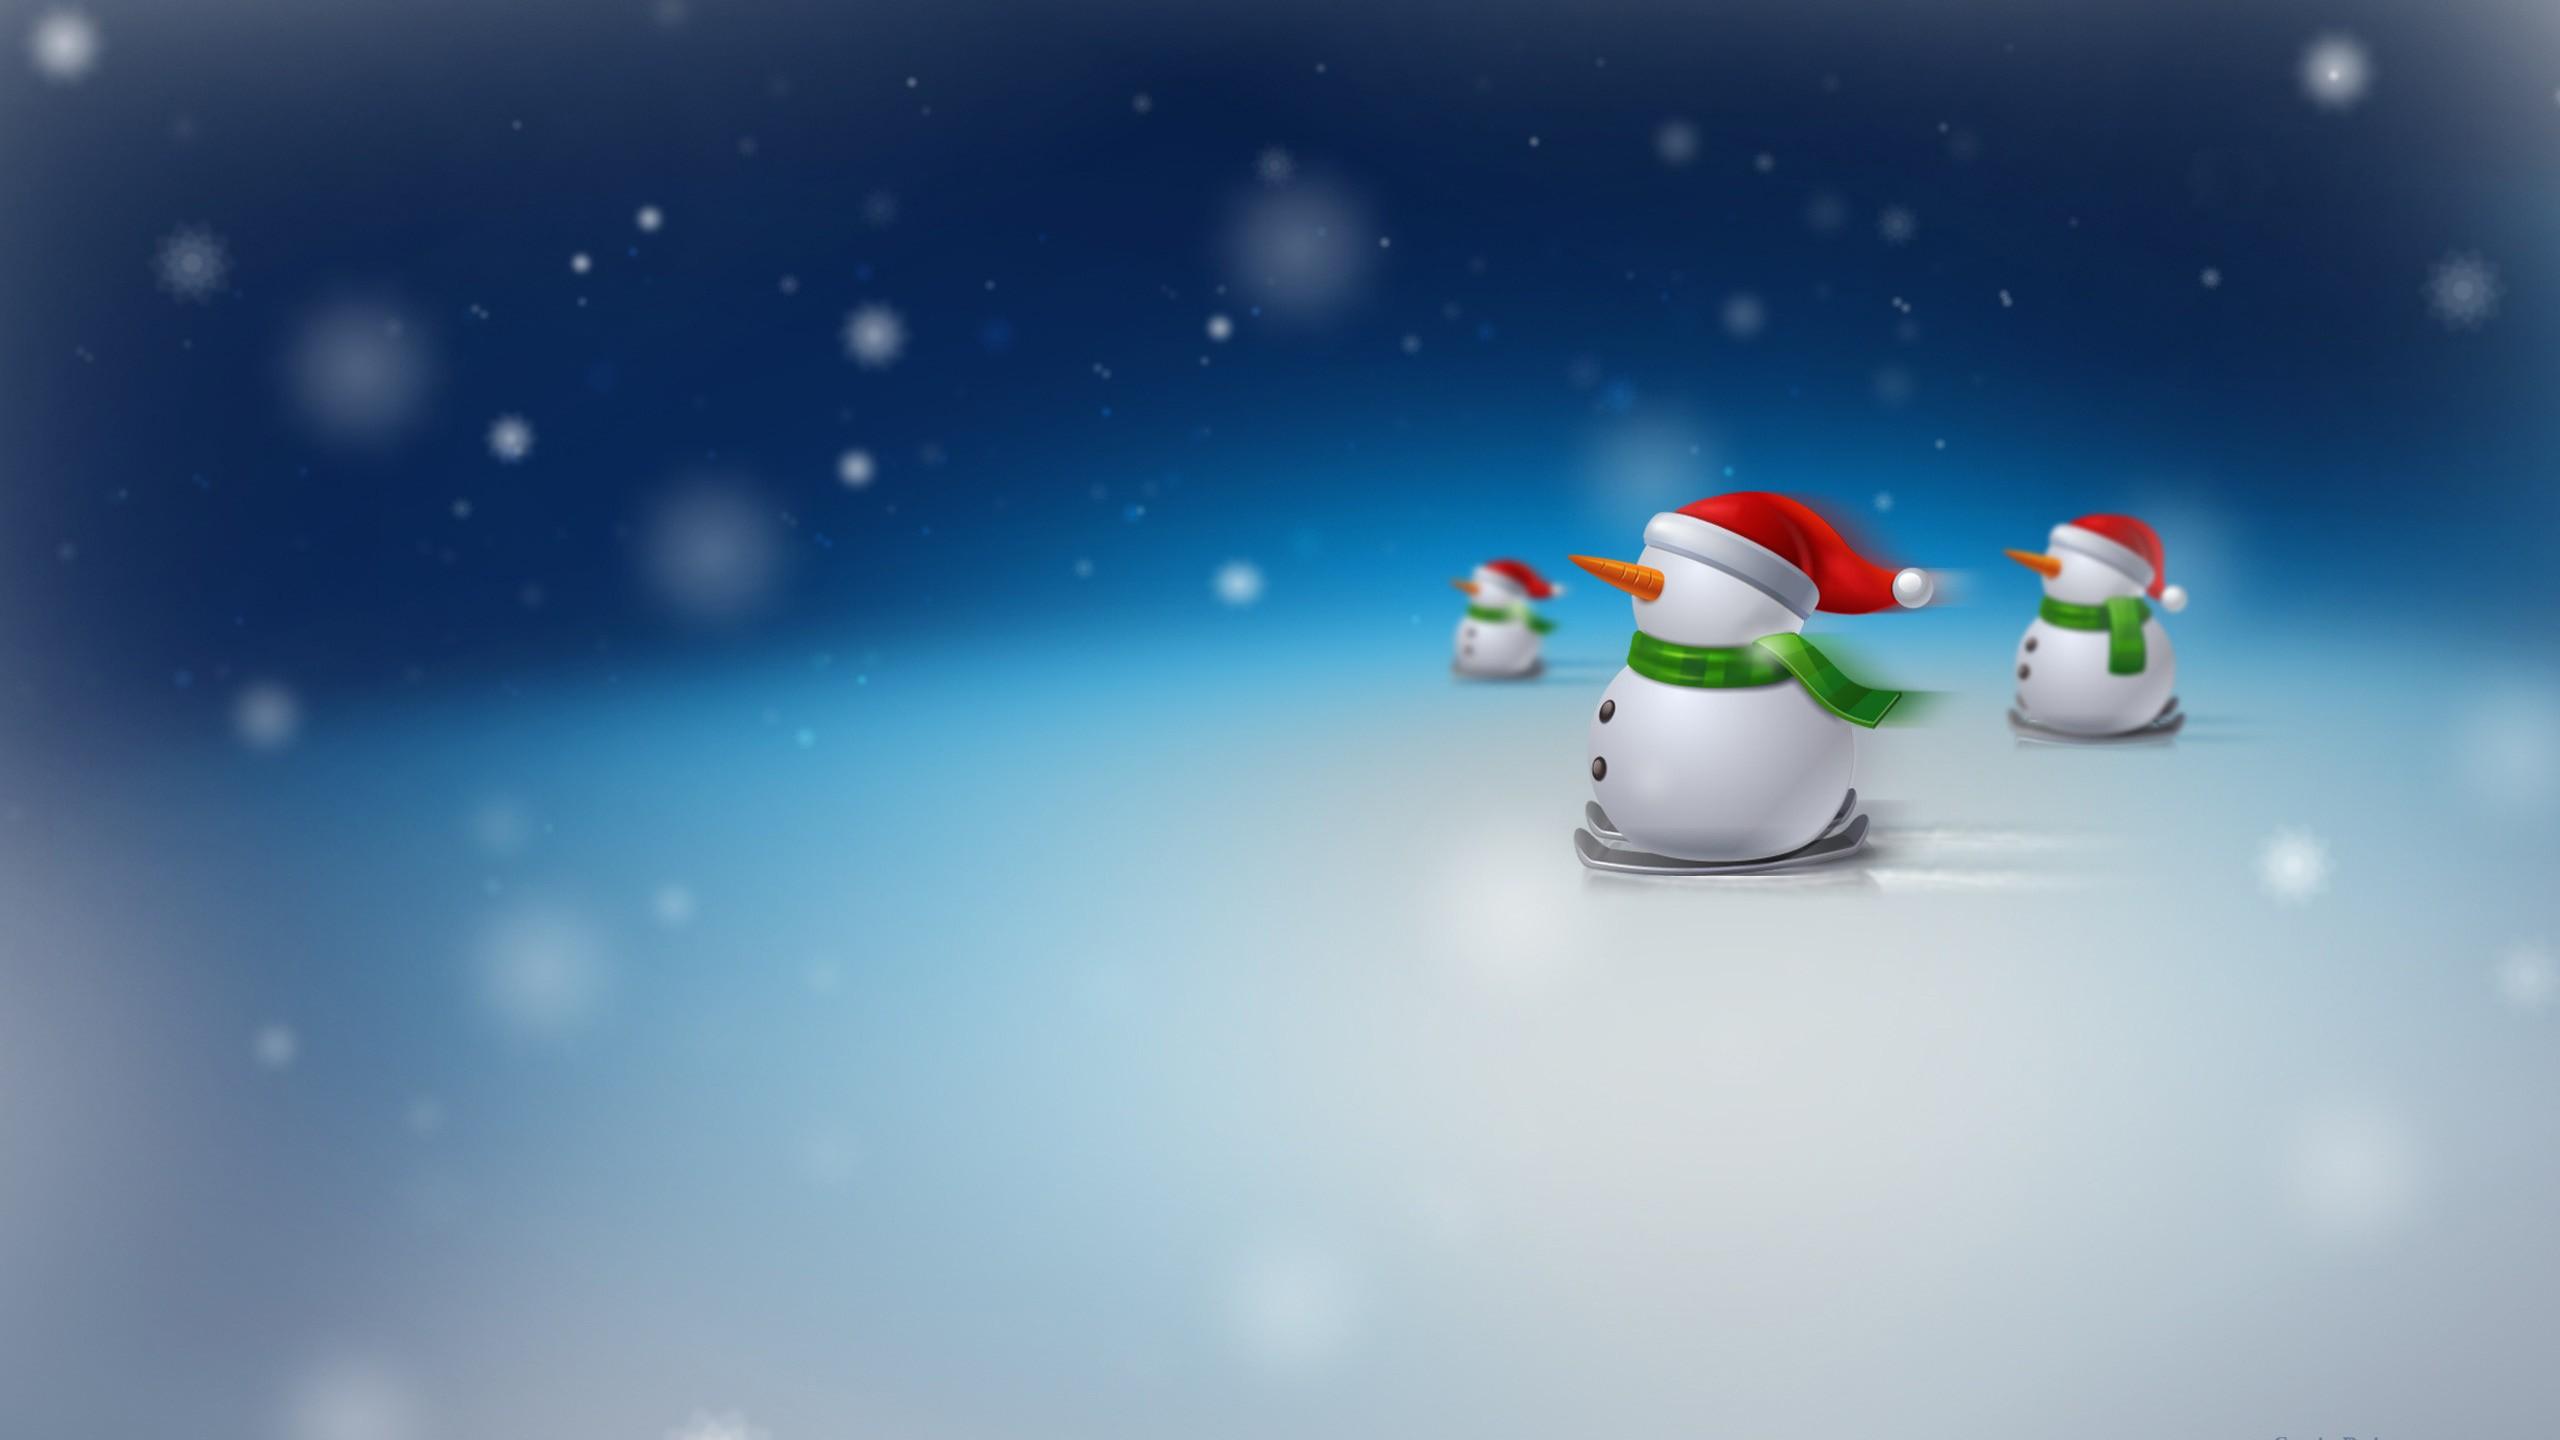 Wallpaper Cars Christmas Snowman Santa Hats Wallpapers Hd Wallpapers